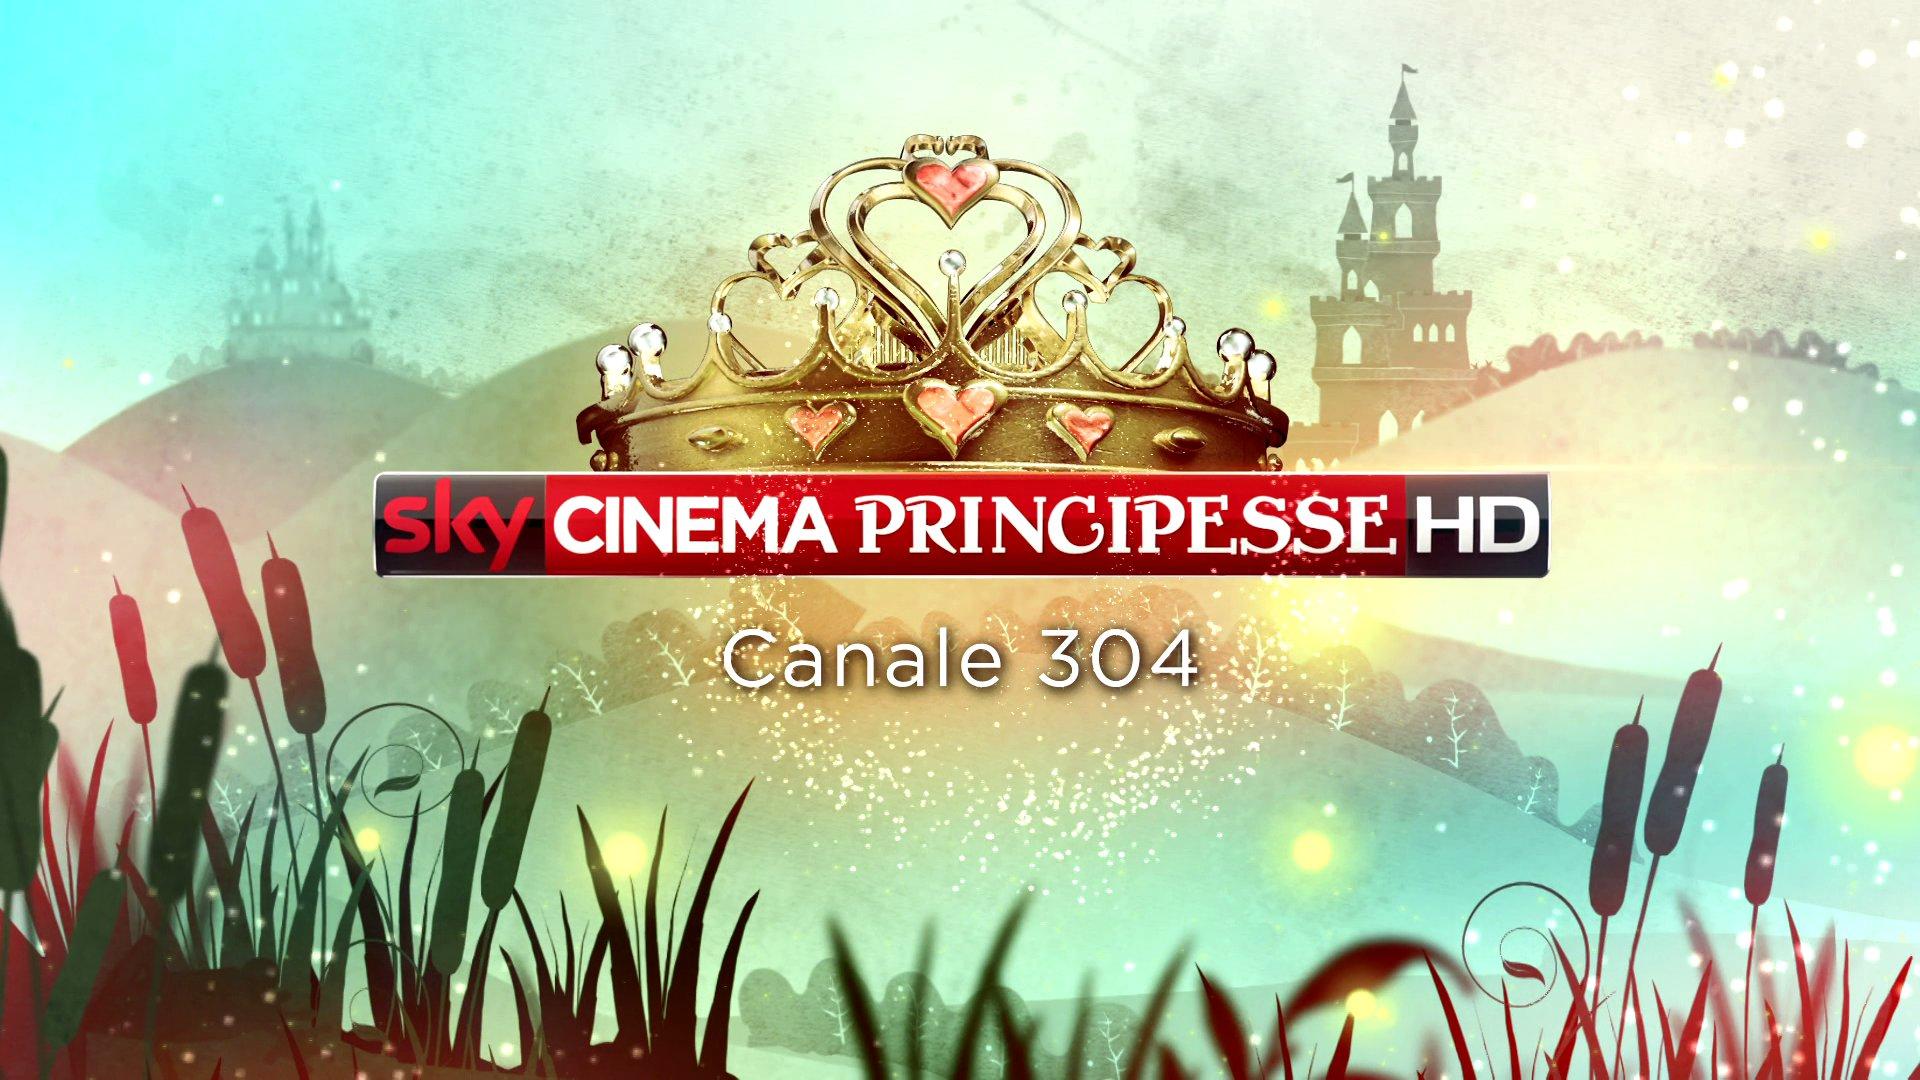 Sky Cinema Principesse, interamente dedicato a tutte le beni